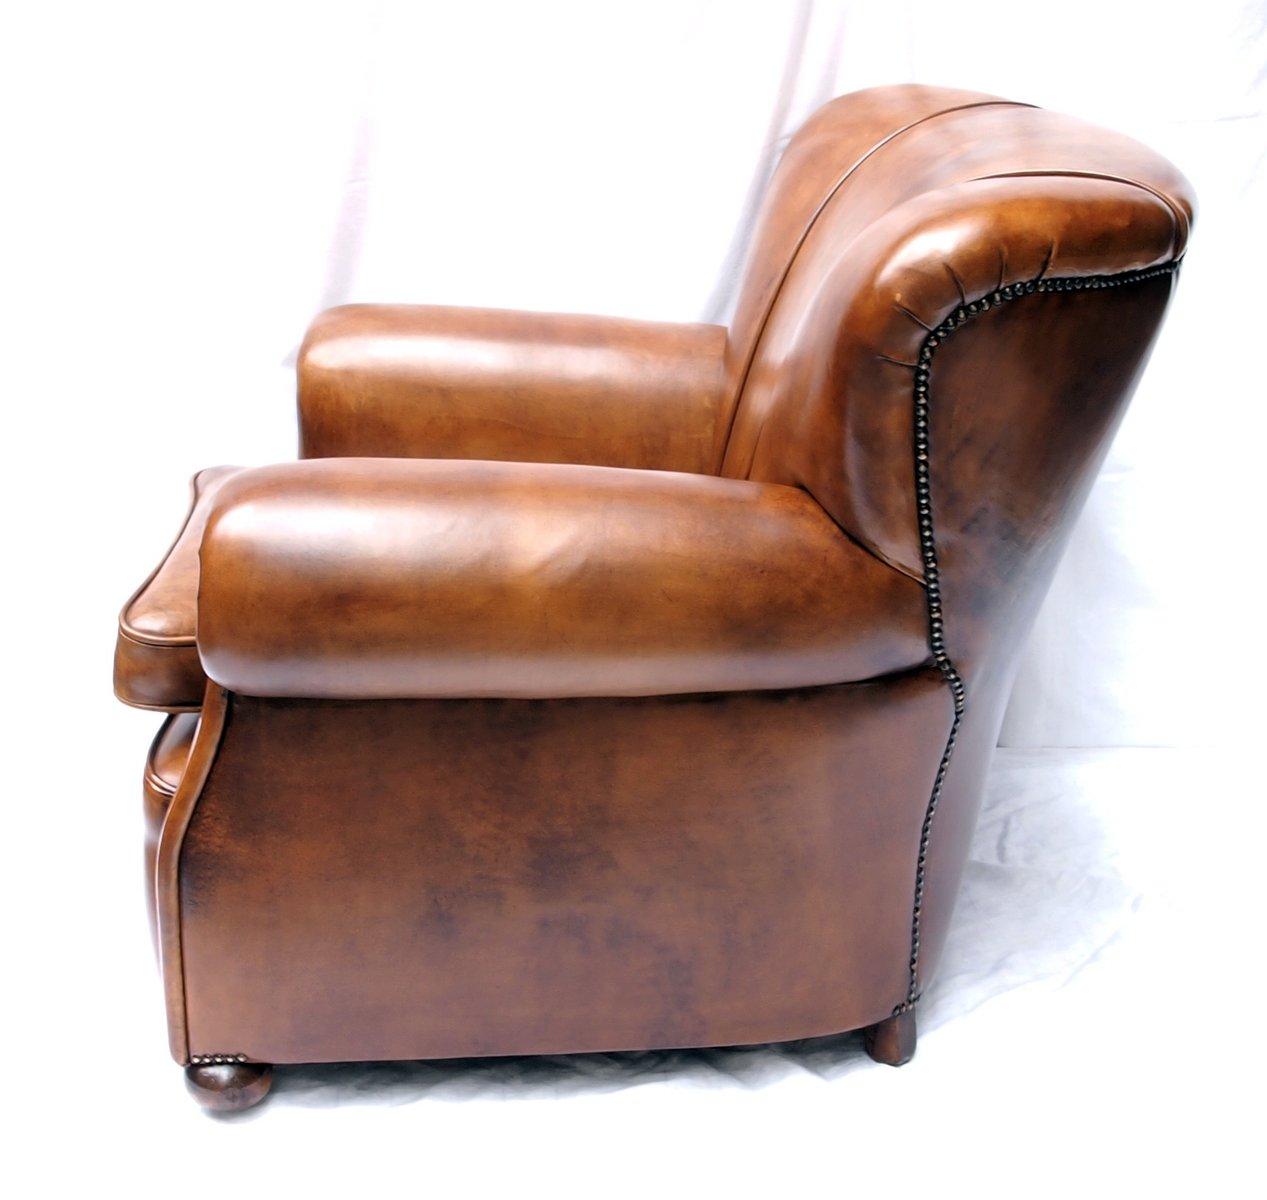 fauteuil club art d co en cuir pays bas en vente sur pamono. Black Bedroom Furniture Sets. Home Design Ideas